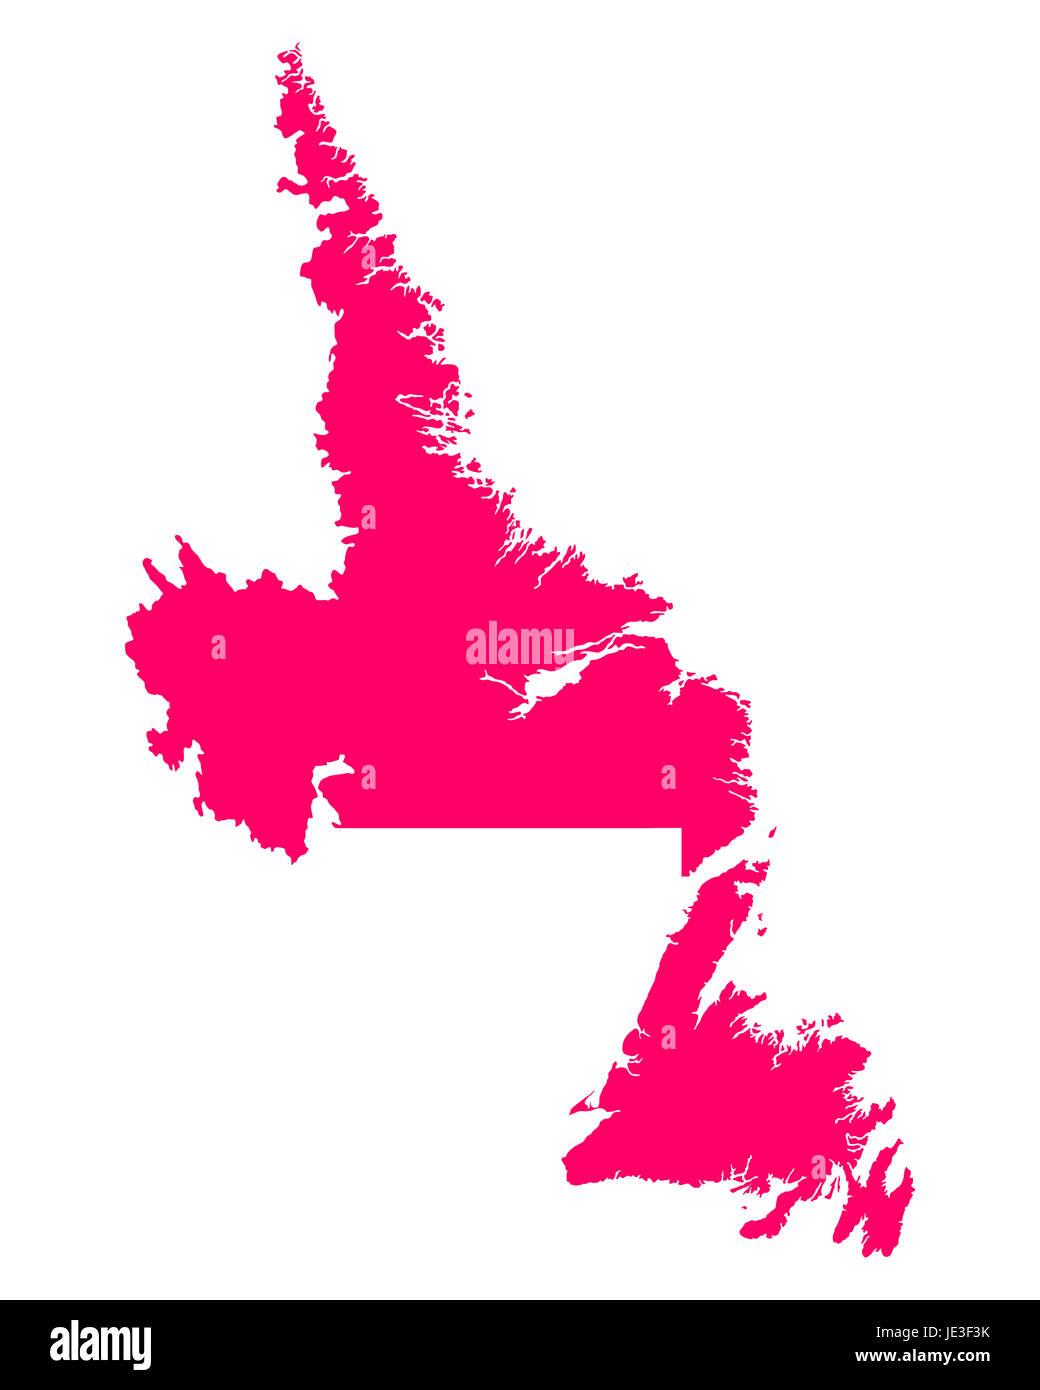 Karte von Newfoundland and Labrador - Stock Image